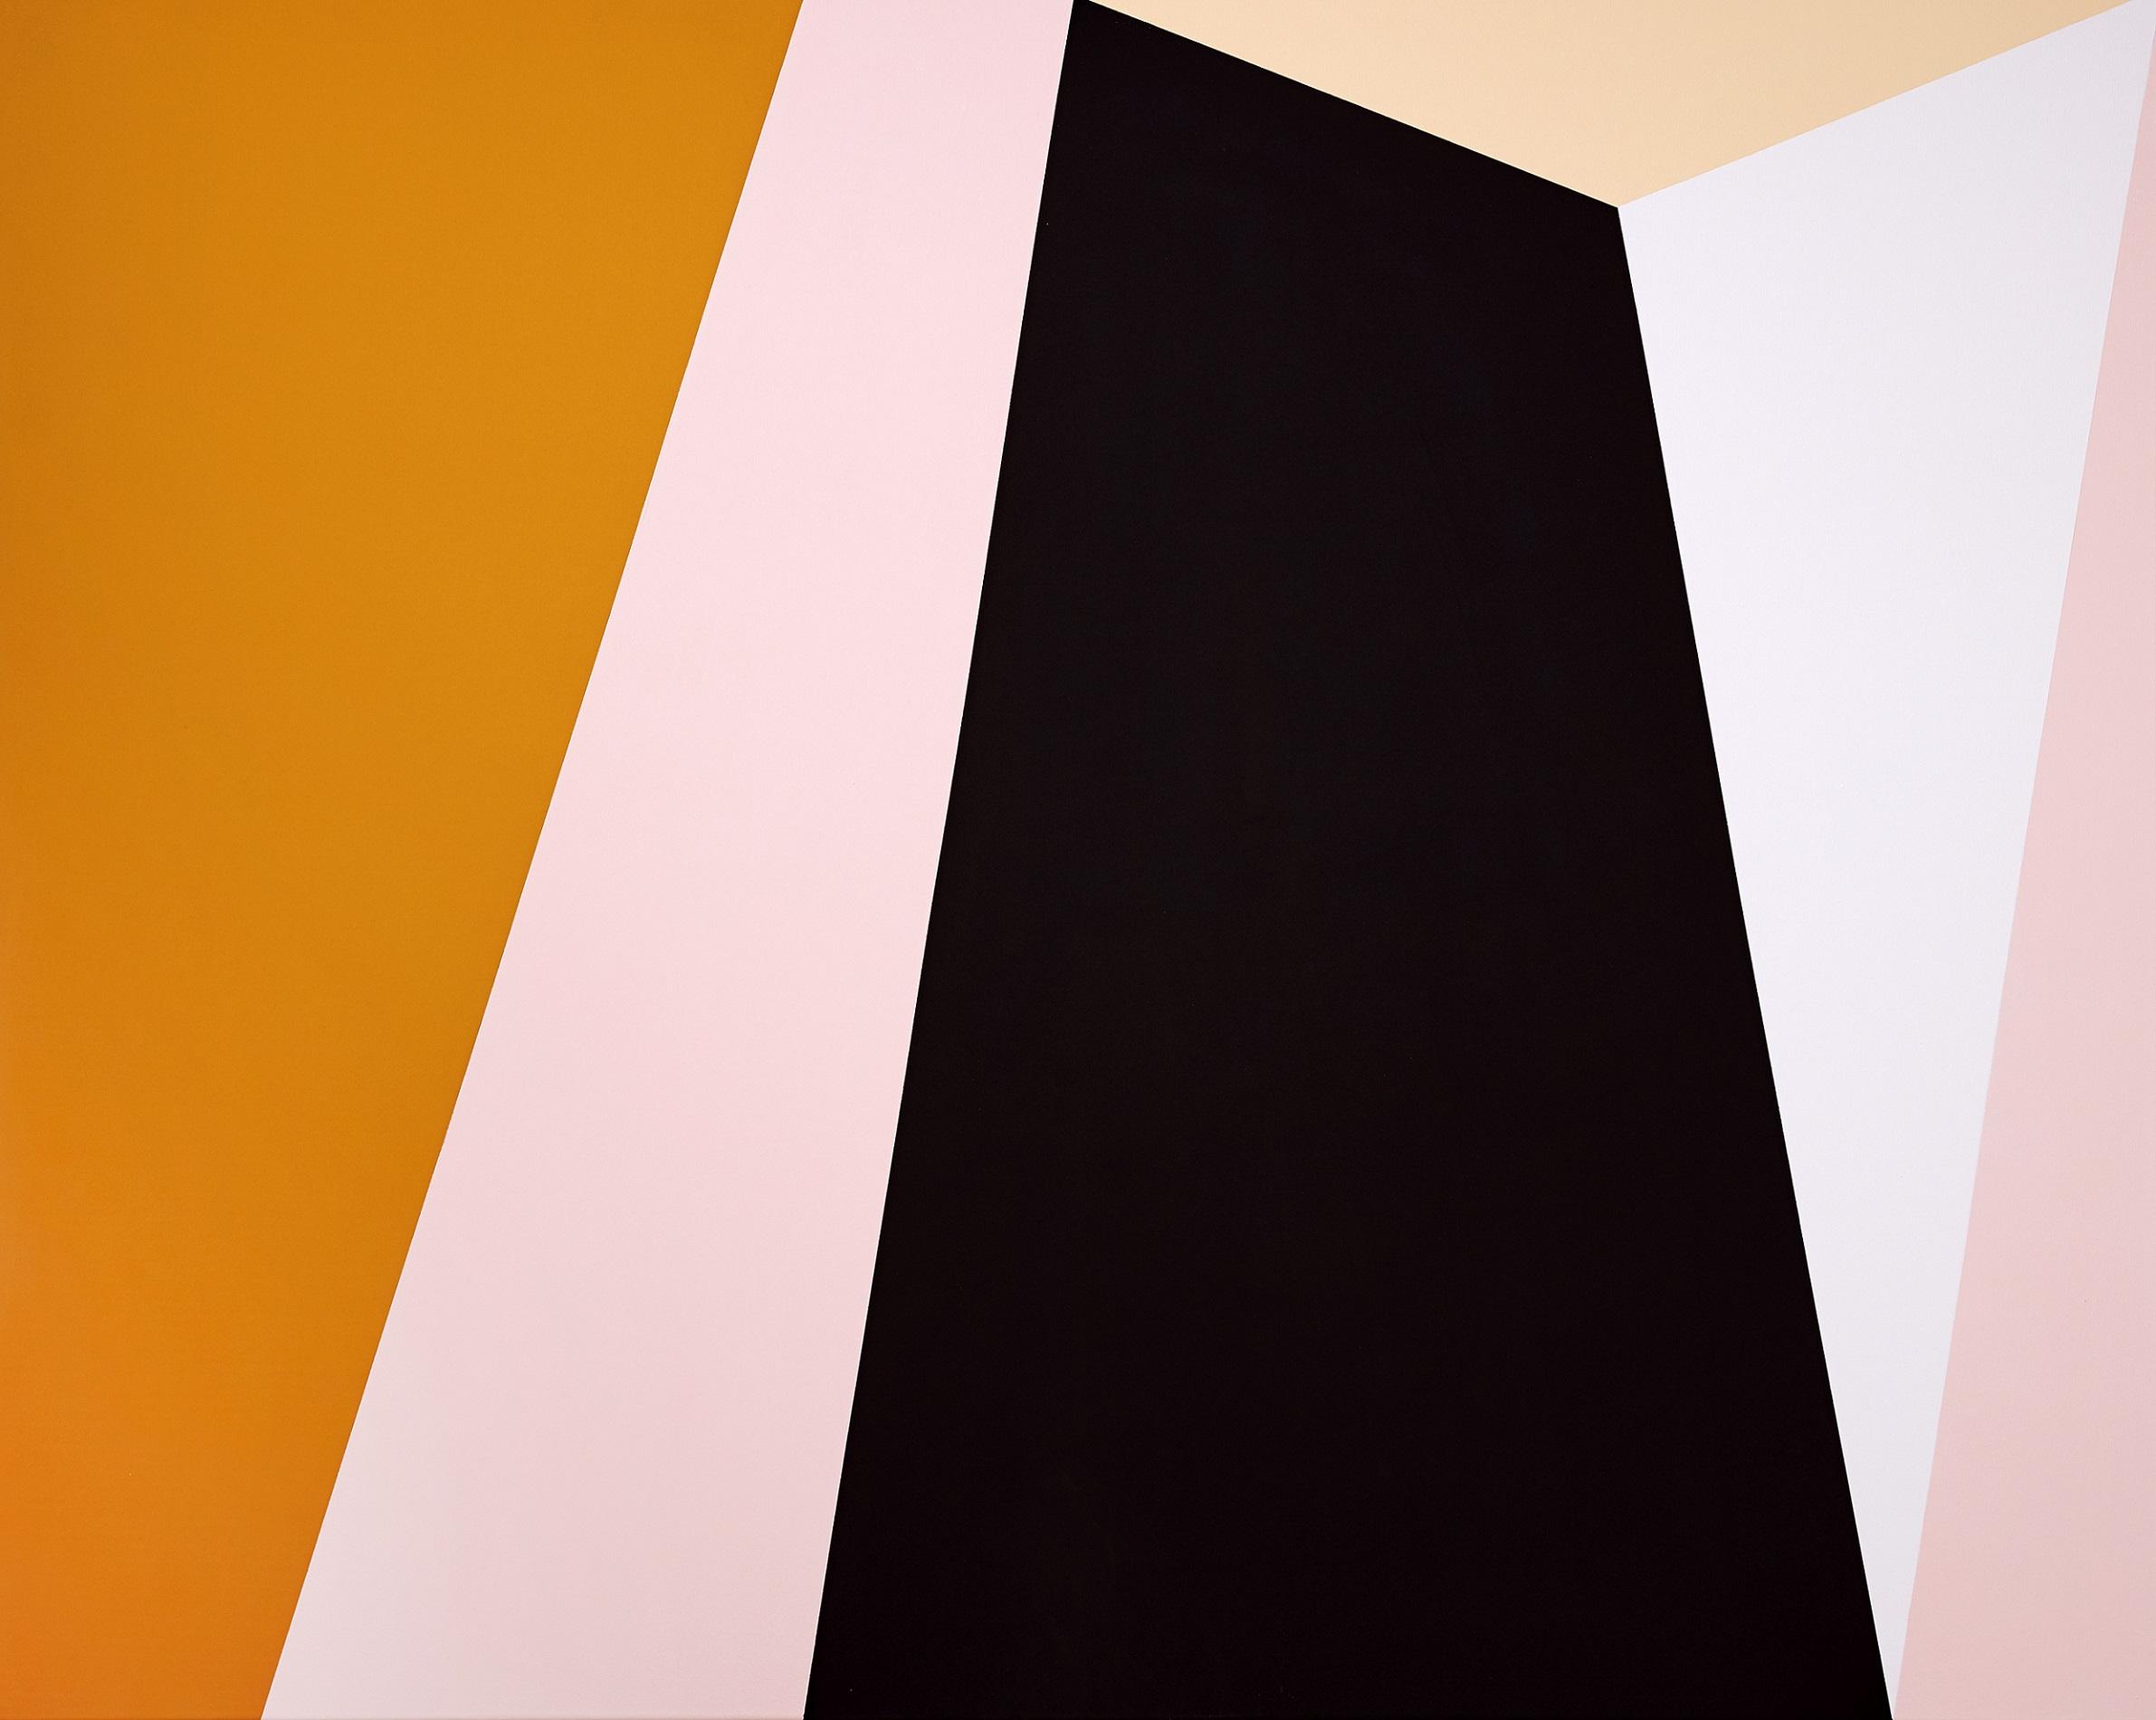 L'Angolo di Marta Lock: Il rigore geometrico che tende verso l'infinito nelle opere di Ulla Vibeke F